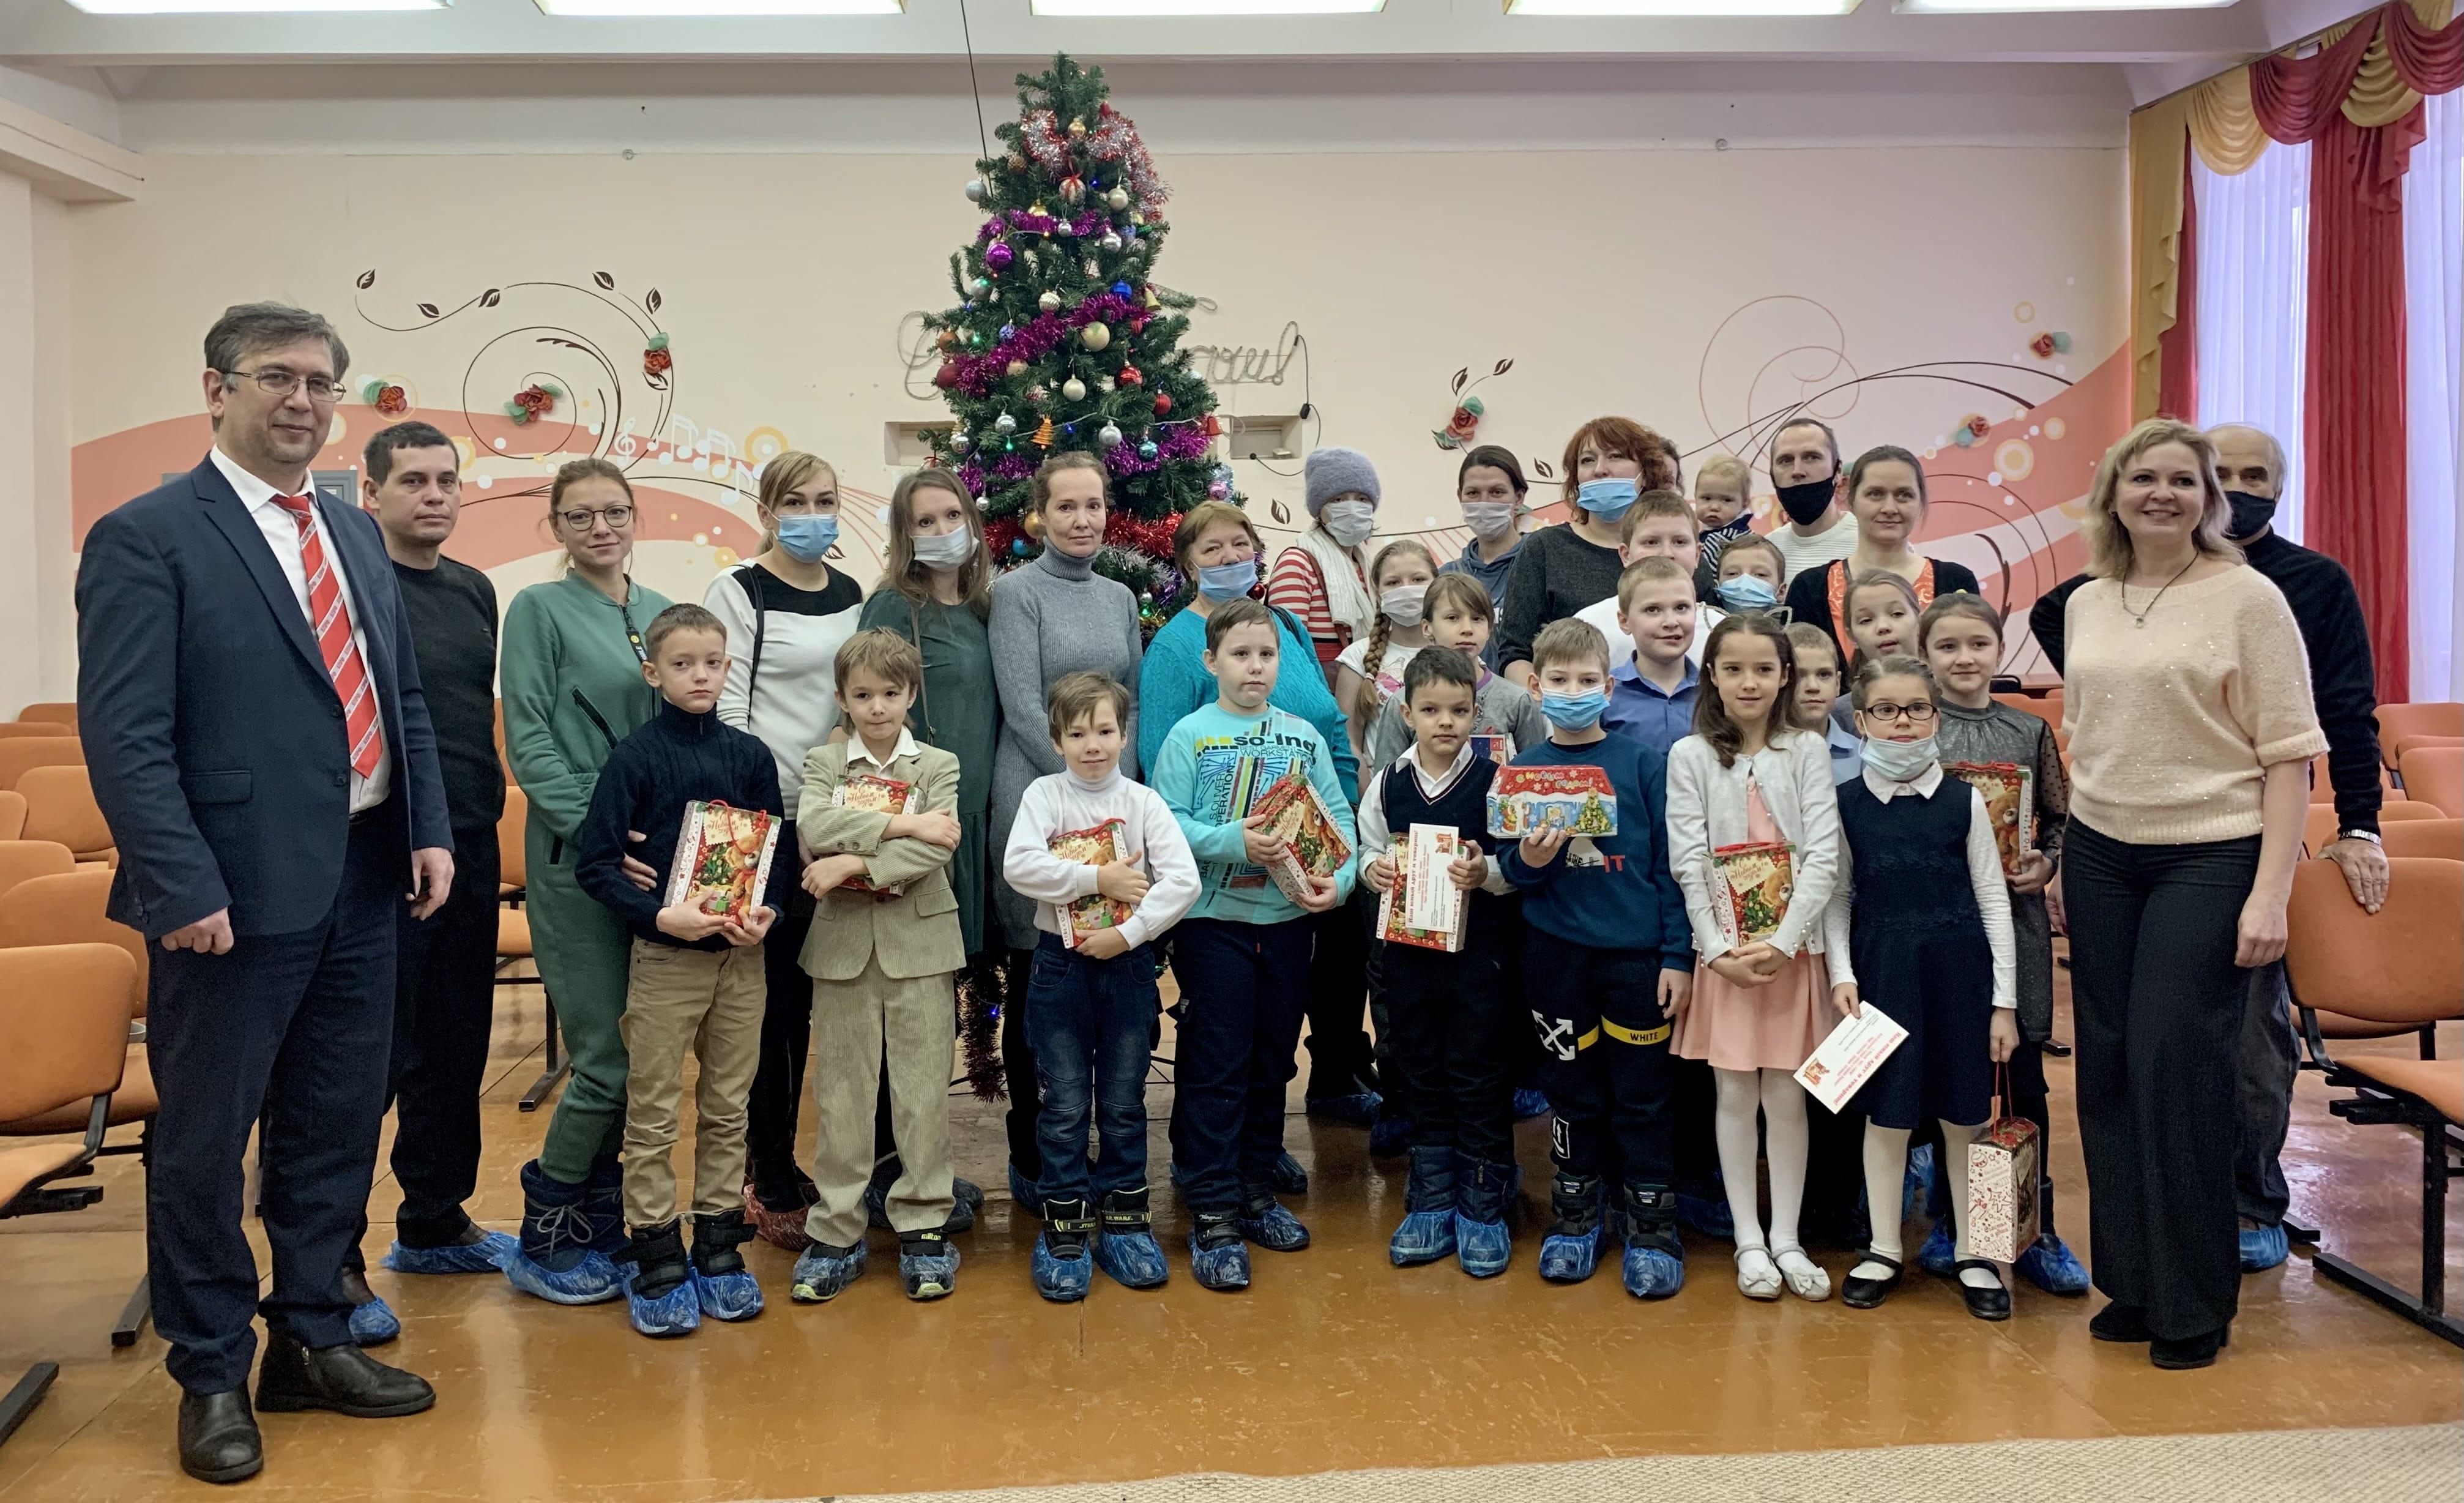 Новогодние подарки КПРФ для детей школы № 52 Заволжского района г. Ярославля